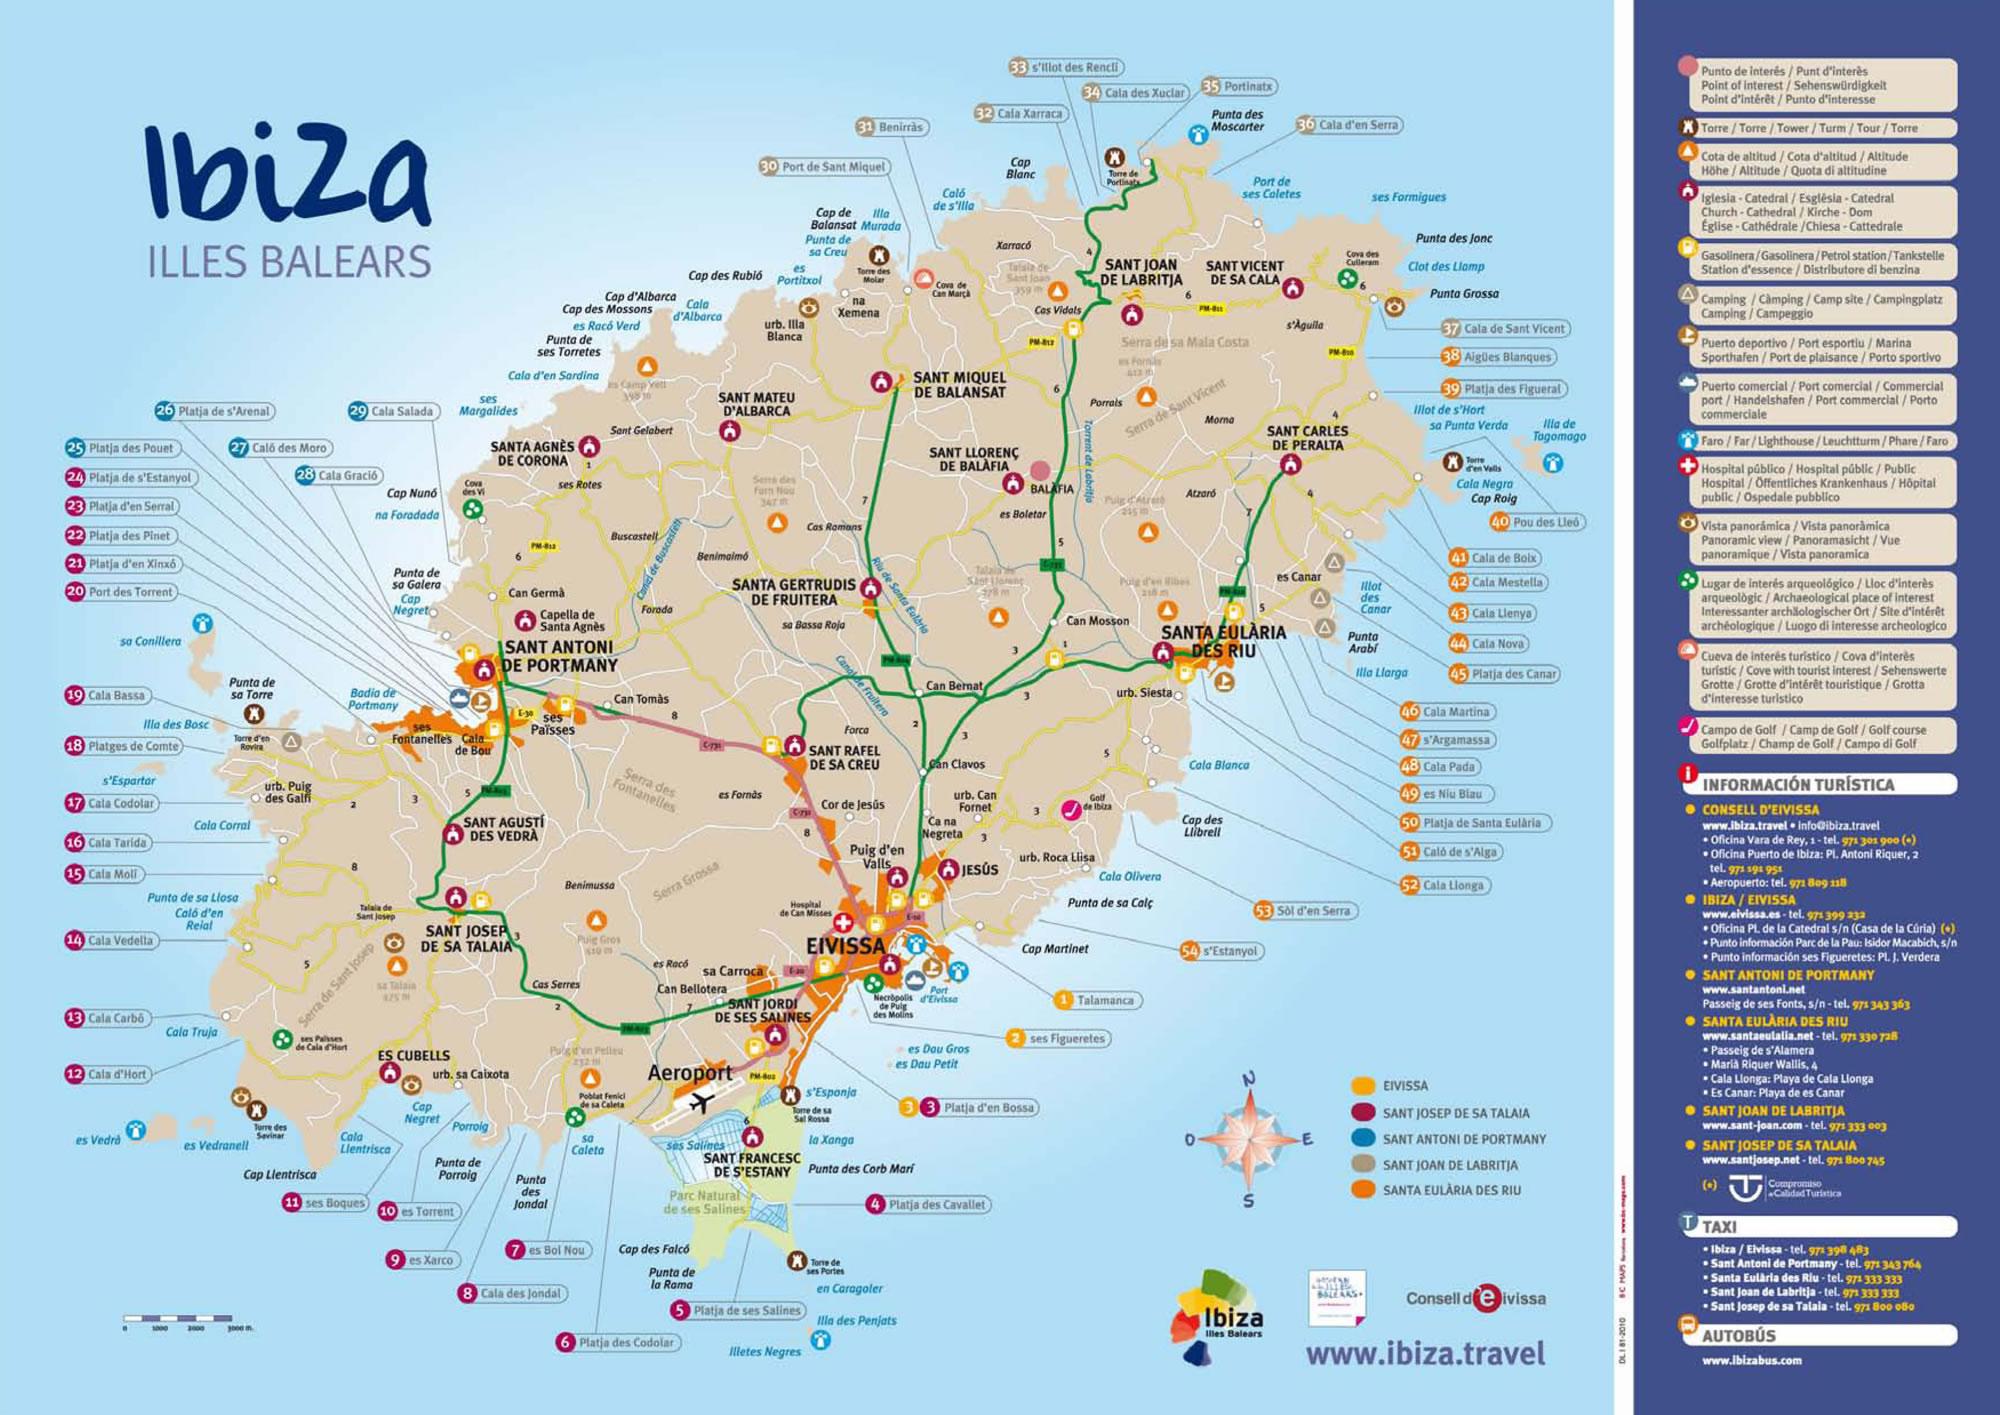 Mapa turismo ibiza for Oficina de turismo de ibiza